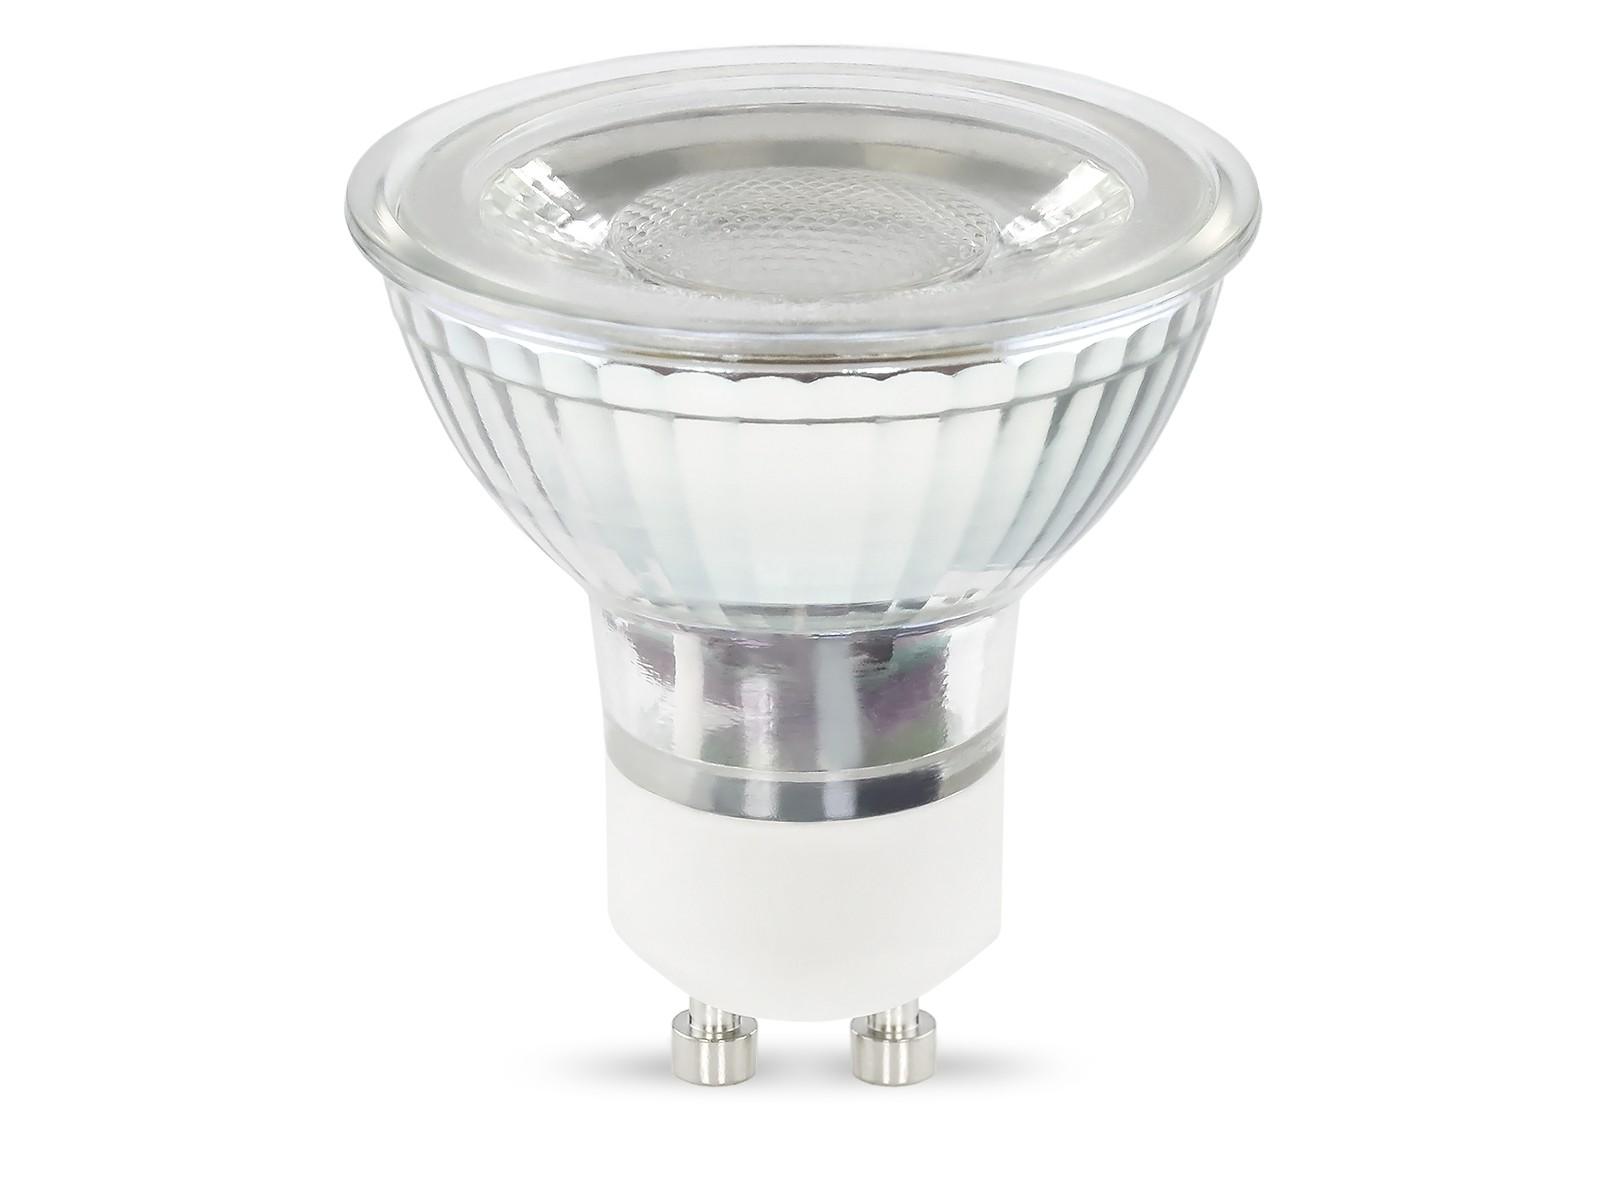 linovum-GU10-Leuchtmittel-Frontansicht Erstaunlich Led Leuchtmittel Gu 10 Dekorationen